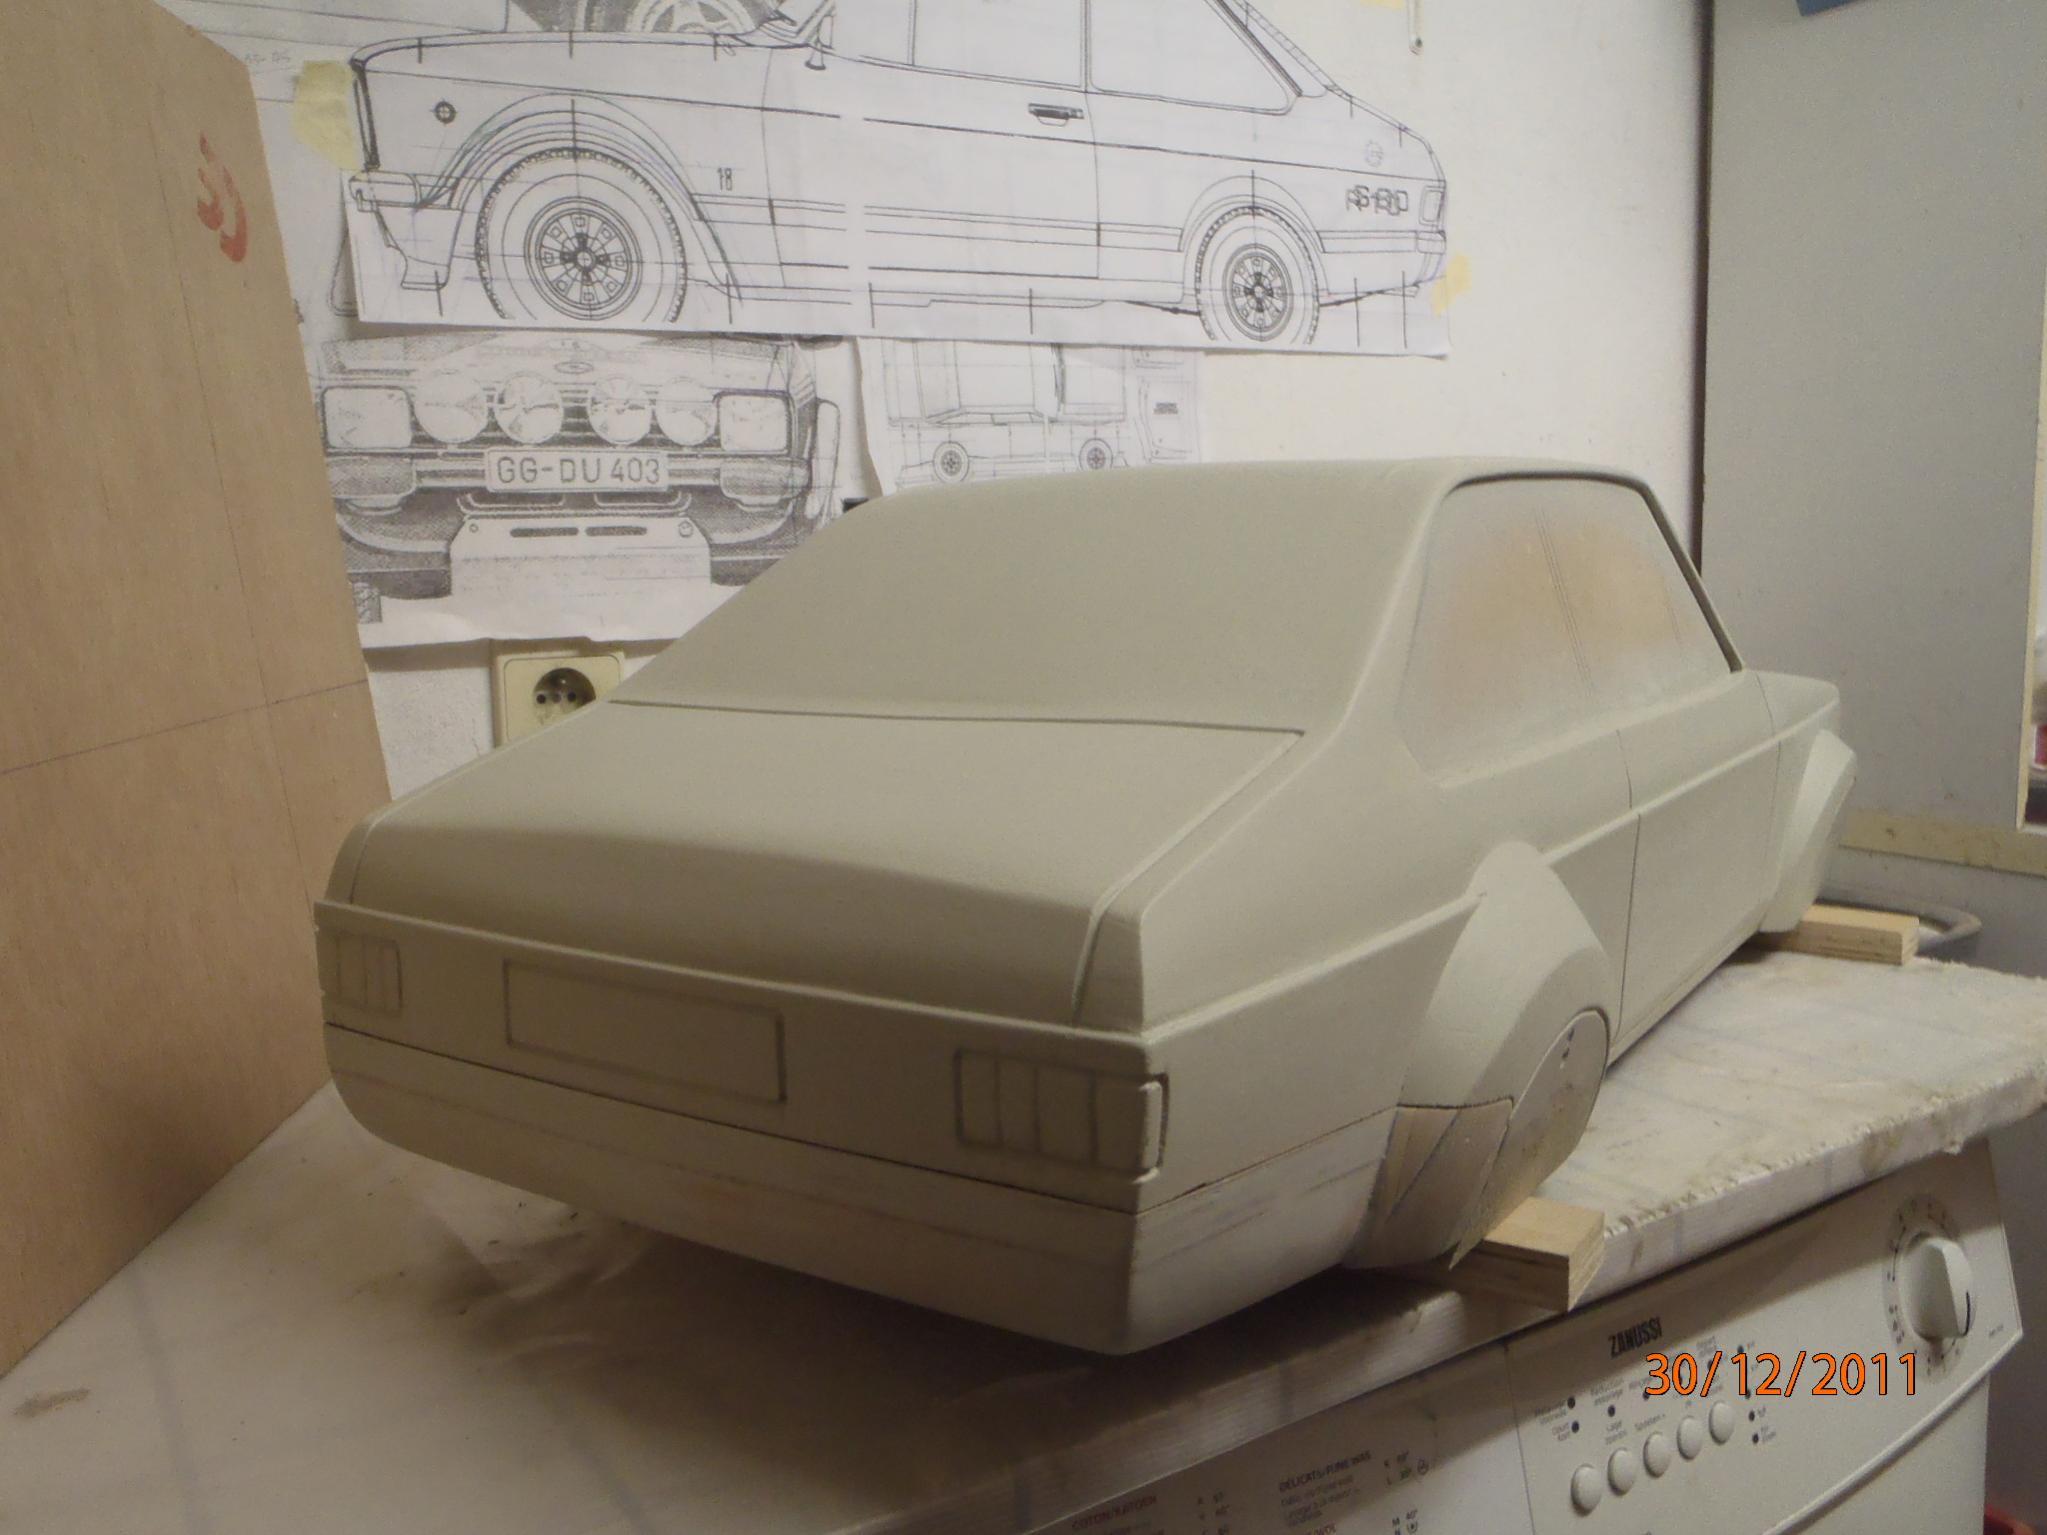 ... Ford escort MK II 1/5-pc300137.jpg